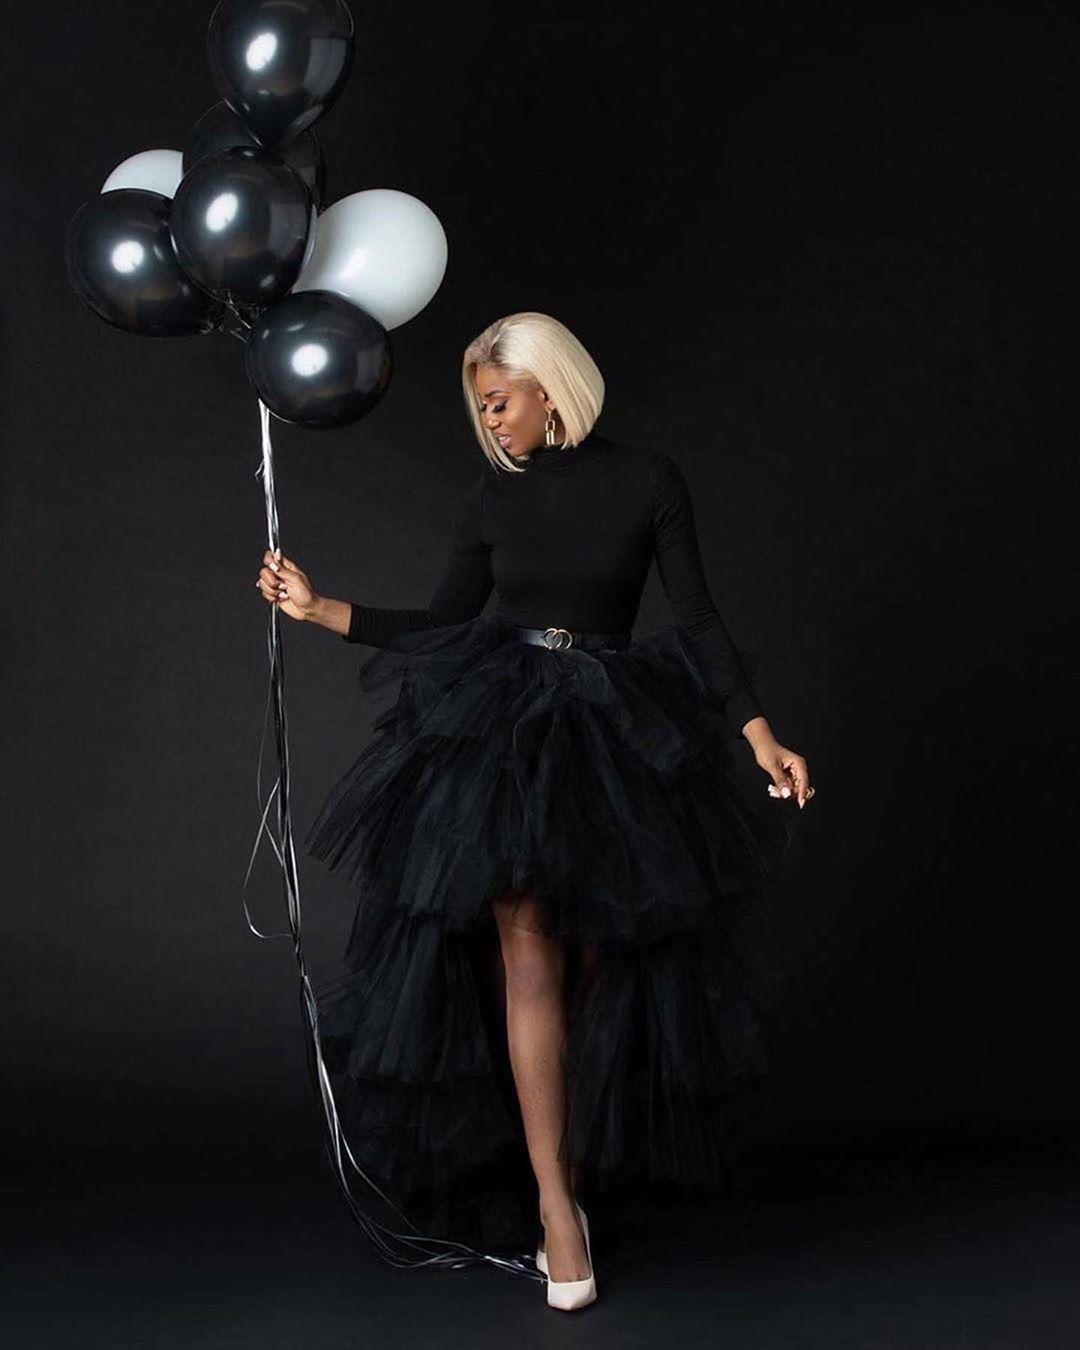 Black Tulle Skirt Long Skirts Satin Skirts Sk90 Cocopromdress Tulle Skirt Black Glam Photoshoot Birthday Dresses [ 1350 x 1080 Pixel ]